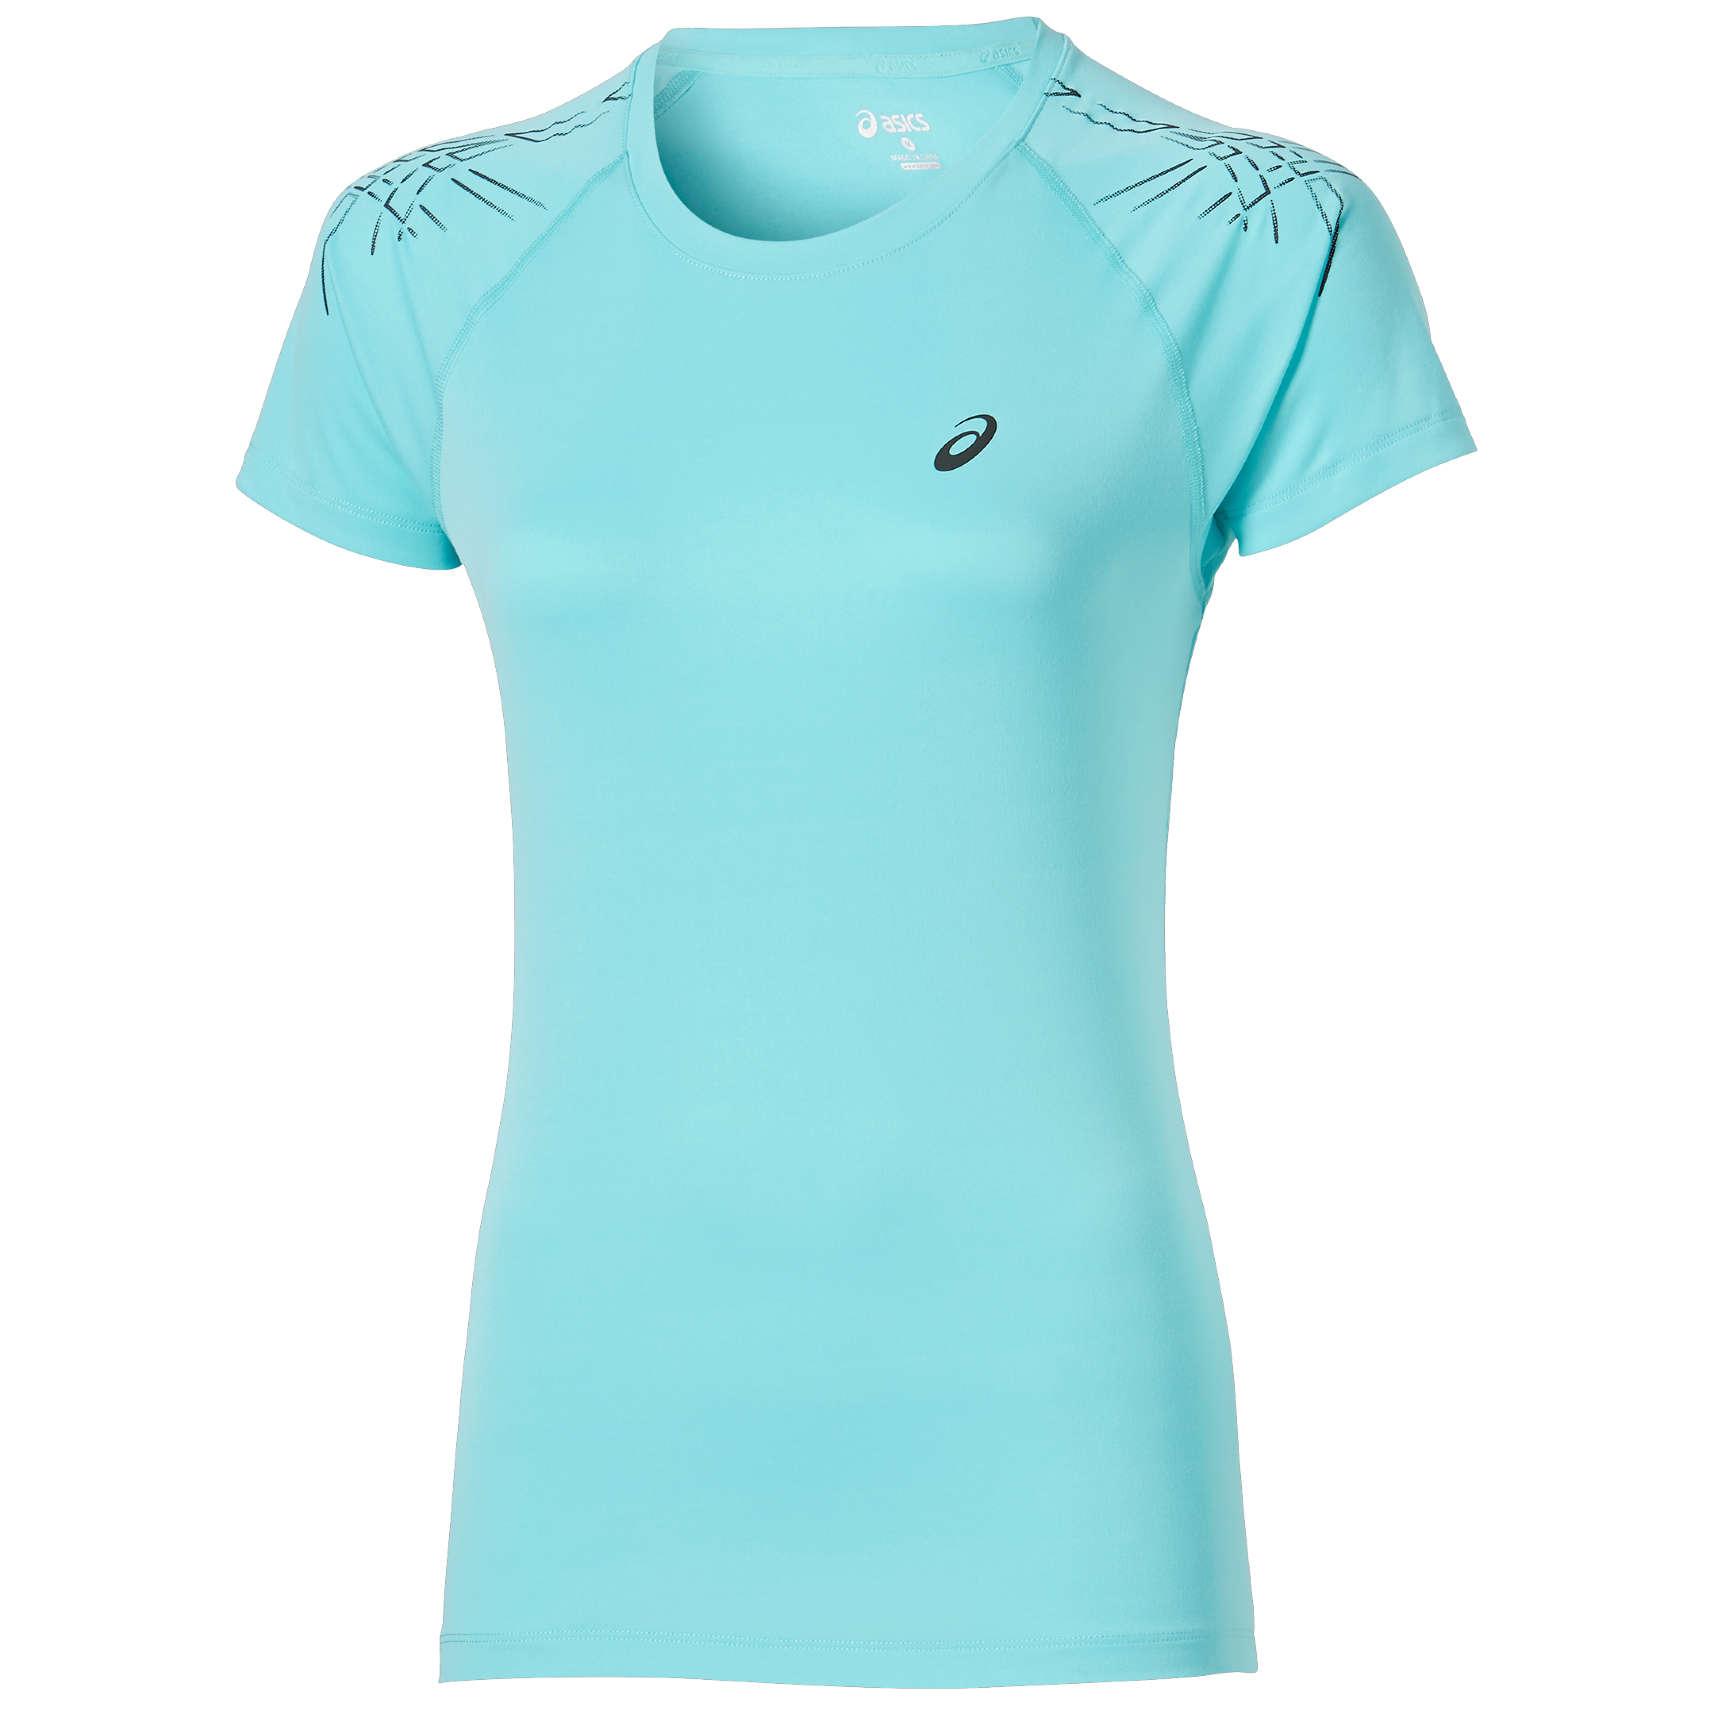 ASICS Stripe Hardloopshirt Korte Mouwen Lichtblauw Dames